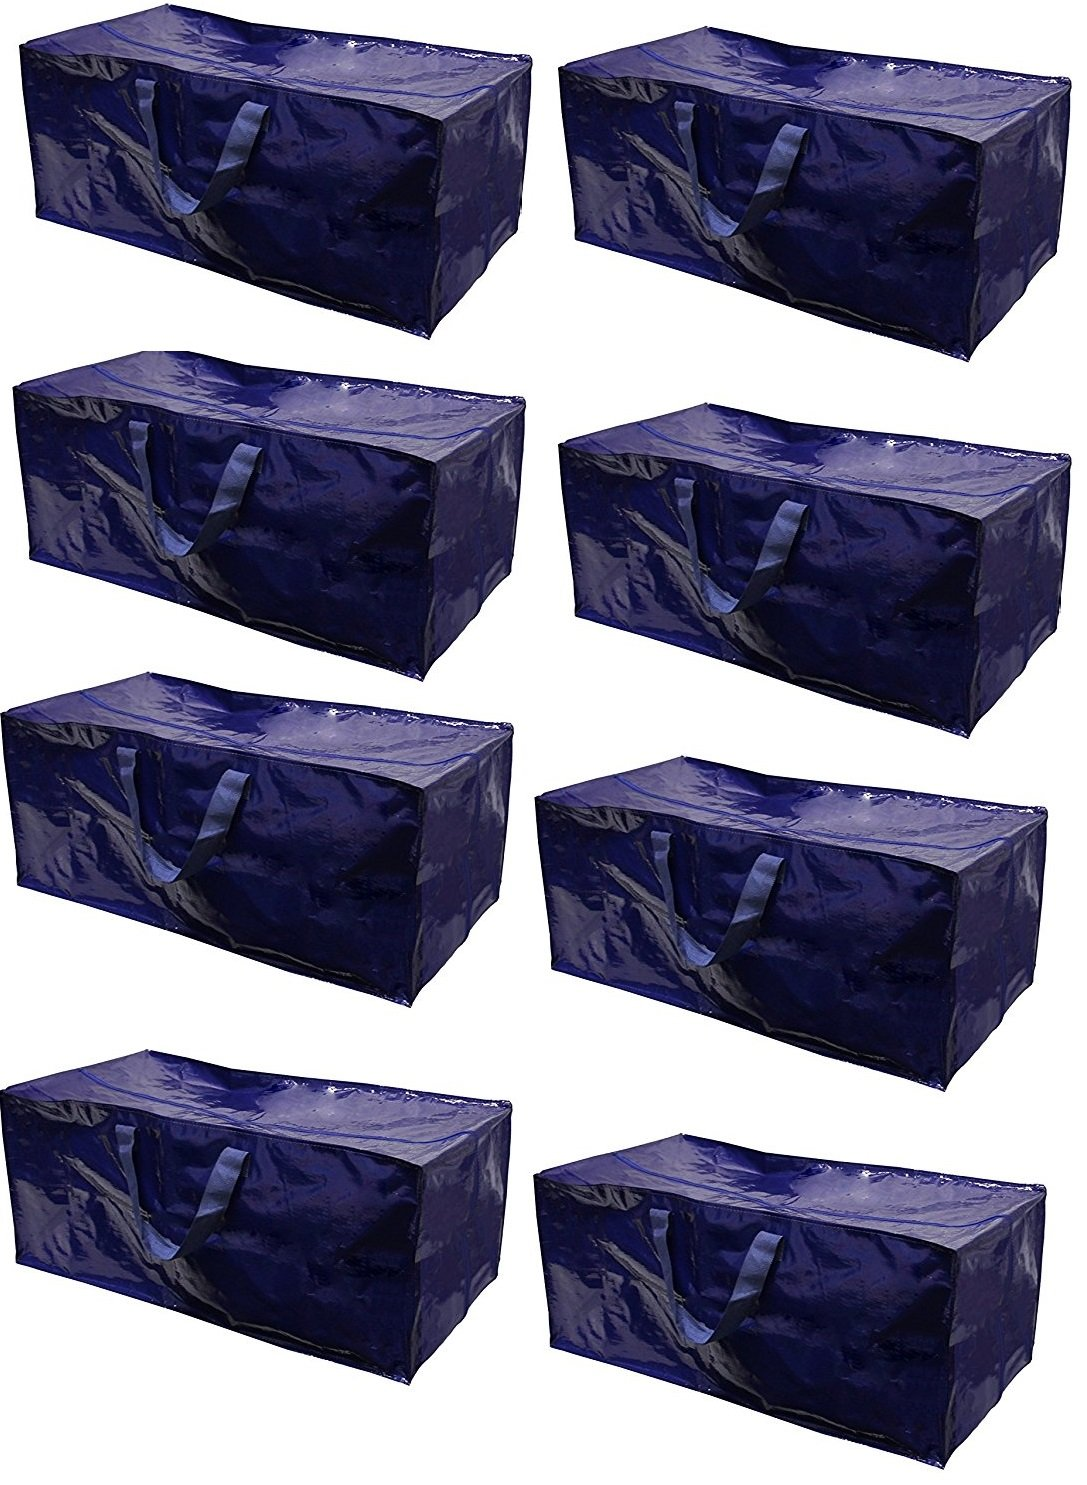 【今日の超目玉】 Earthwise Heavy Duty B077MX93V1 Extra LargeストレージバッグMovingトートバックパックCarrying Handles – – 8パック) と互換性IKEA Frakta HandカートボックスBin ( 8パック) B077MX93V1, HealthBox:5bb990ac --- irlandskayaliteratura.org